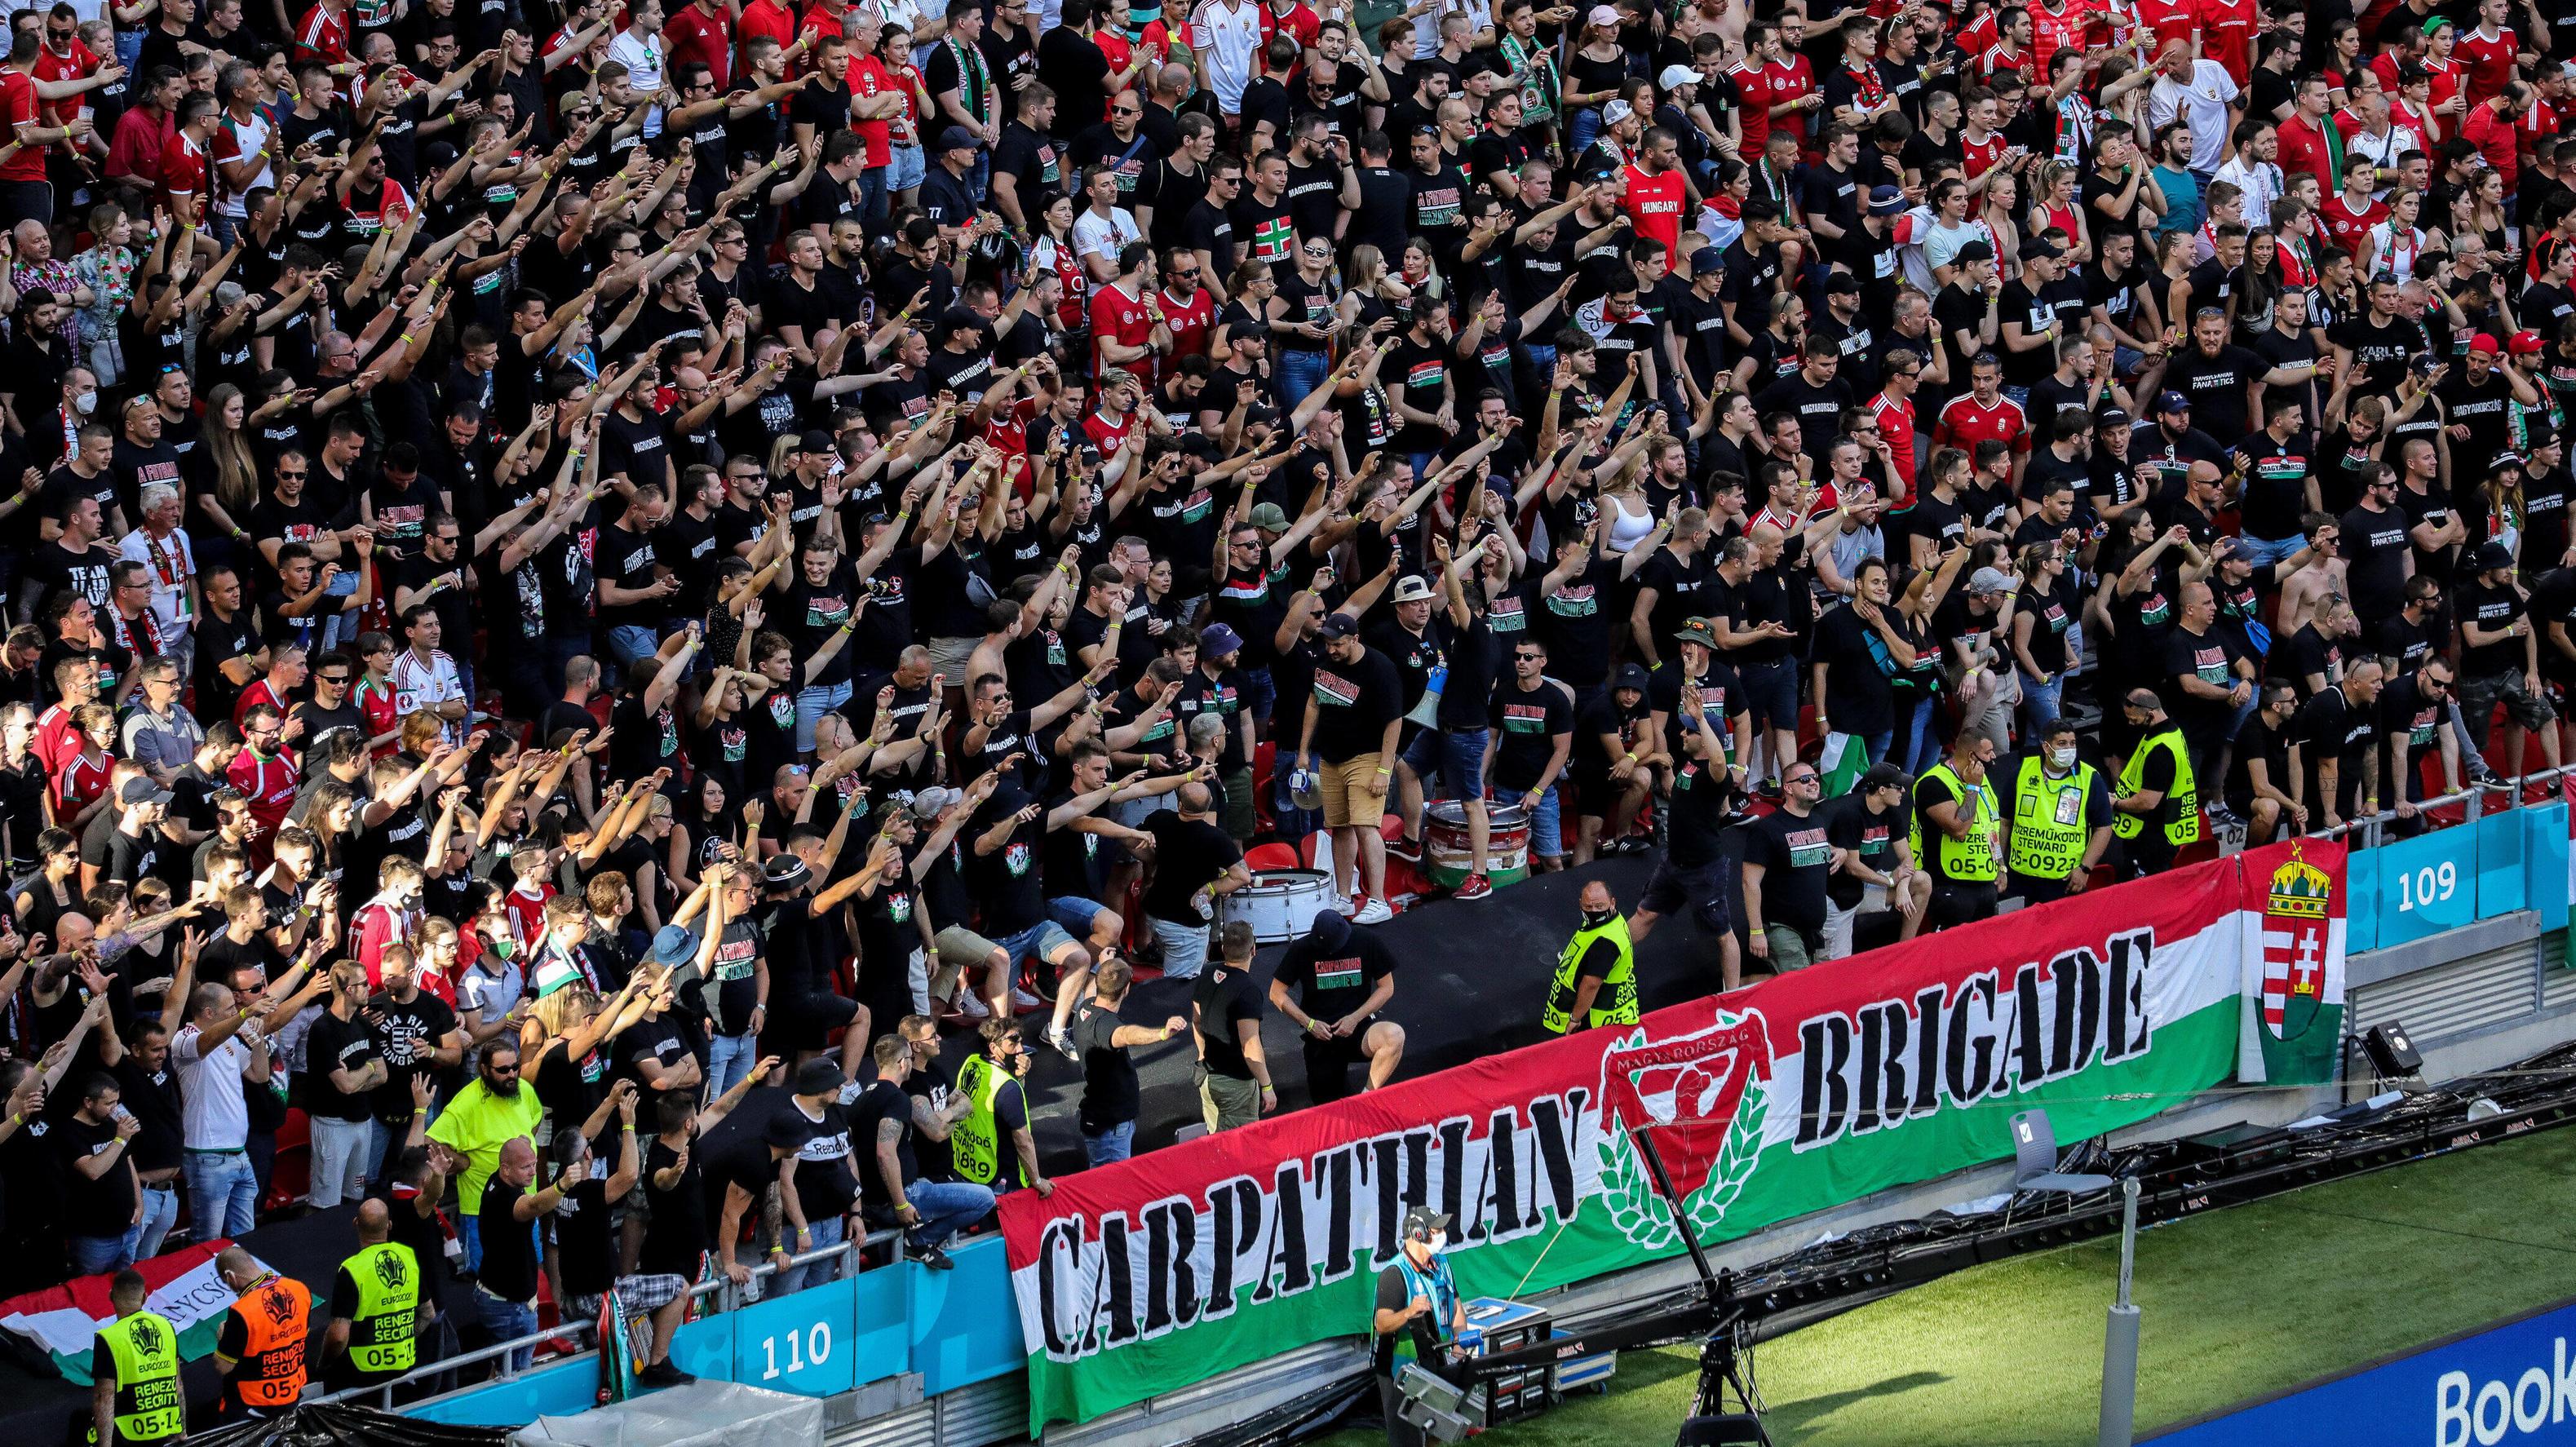 EM 2021: Karl Lauterbach und Uli Hoeneß kritisieren volles EM-Stadion und Gedränge in Budapest